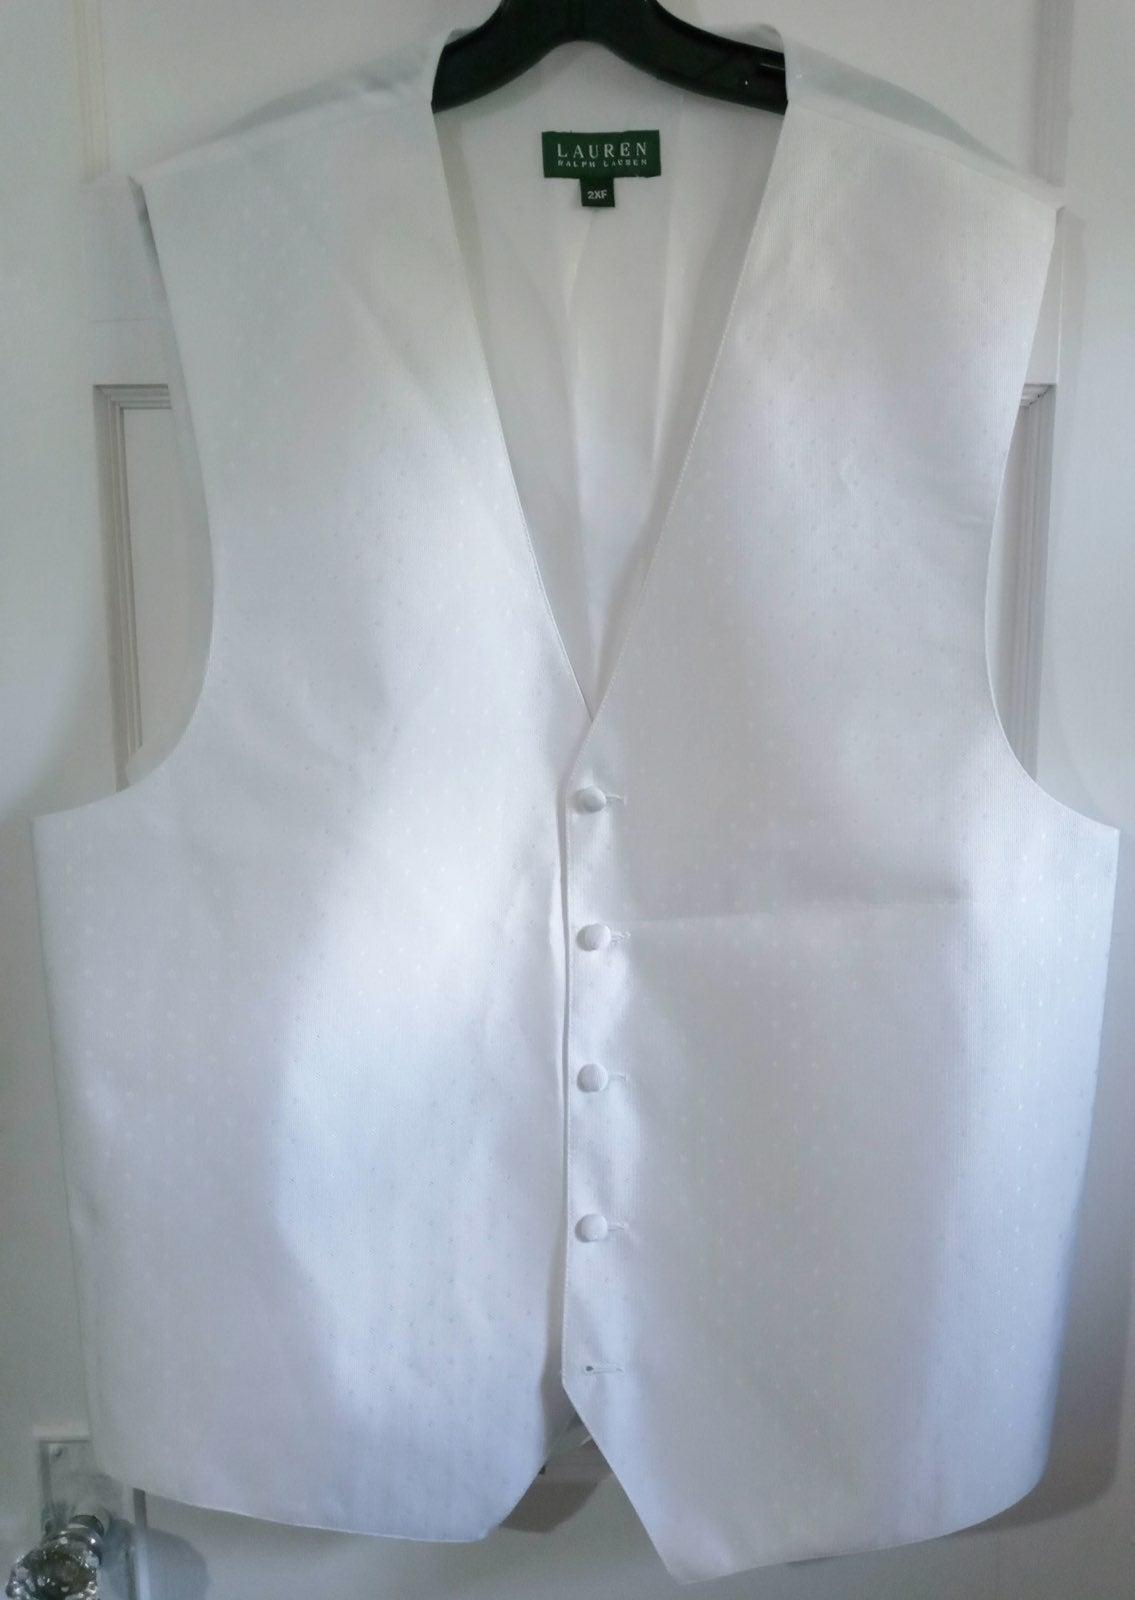 Lauren by ralph lauren white vest men sz